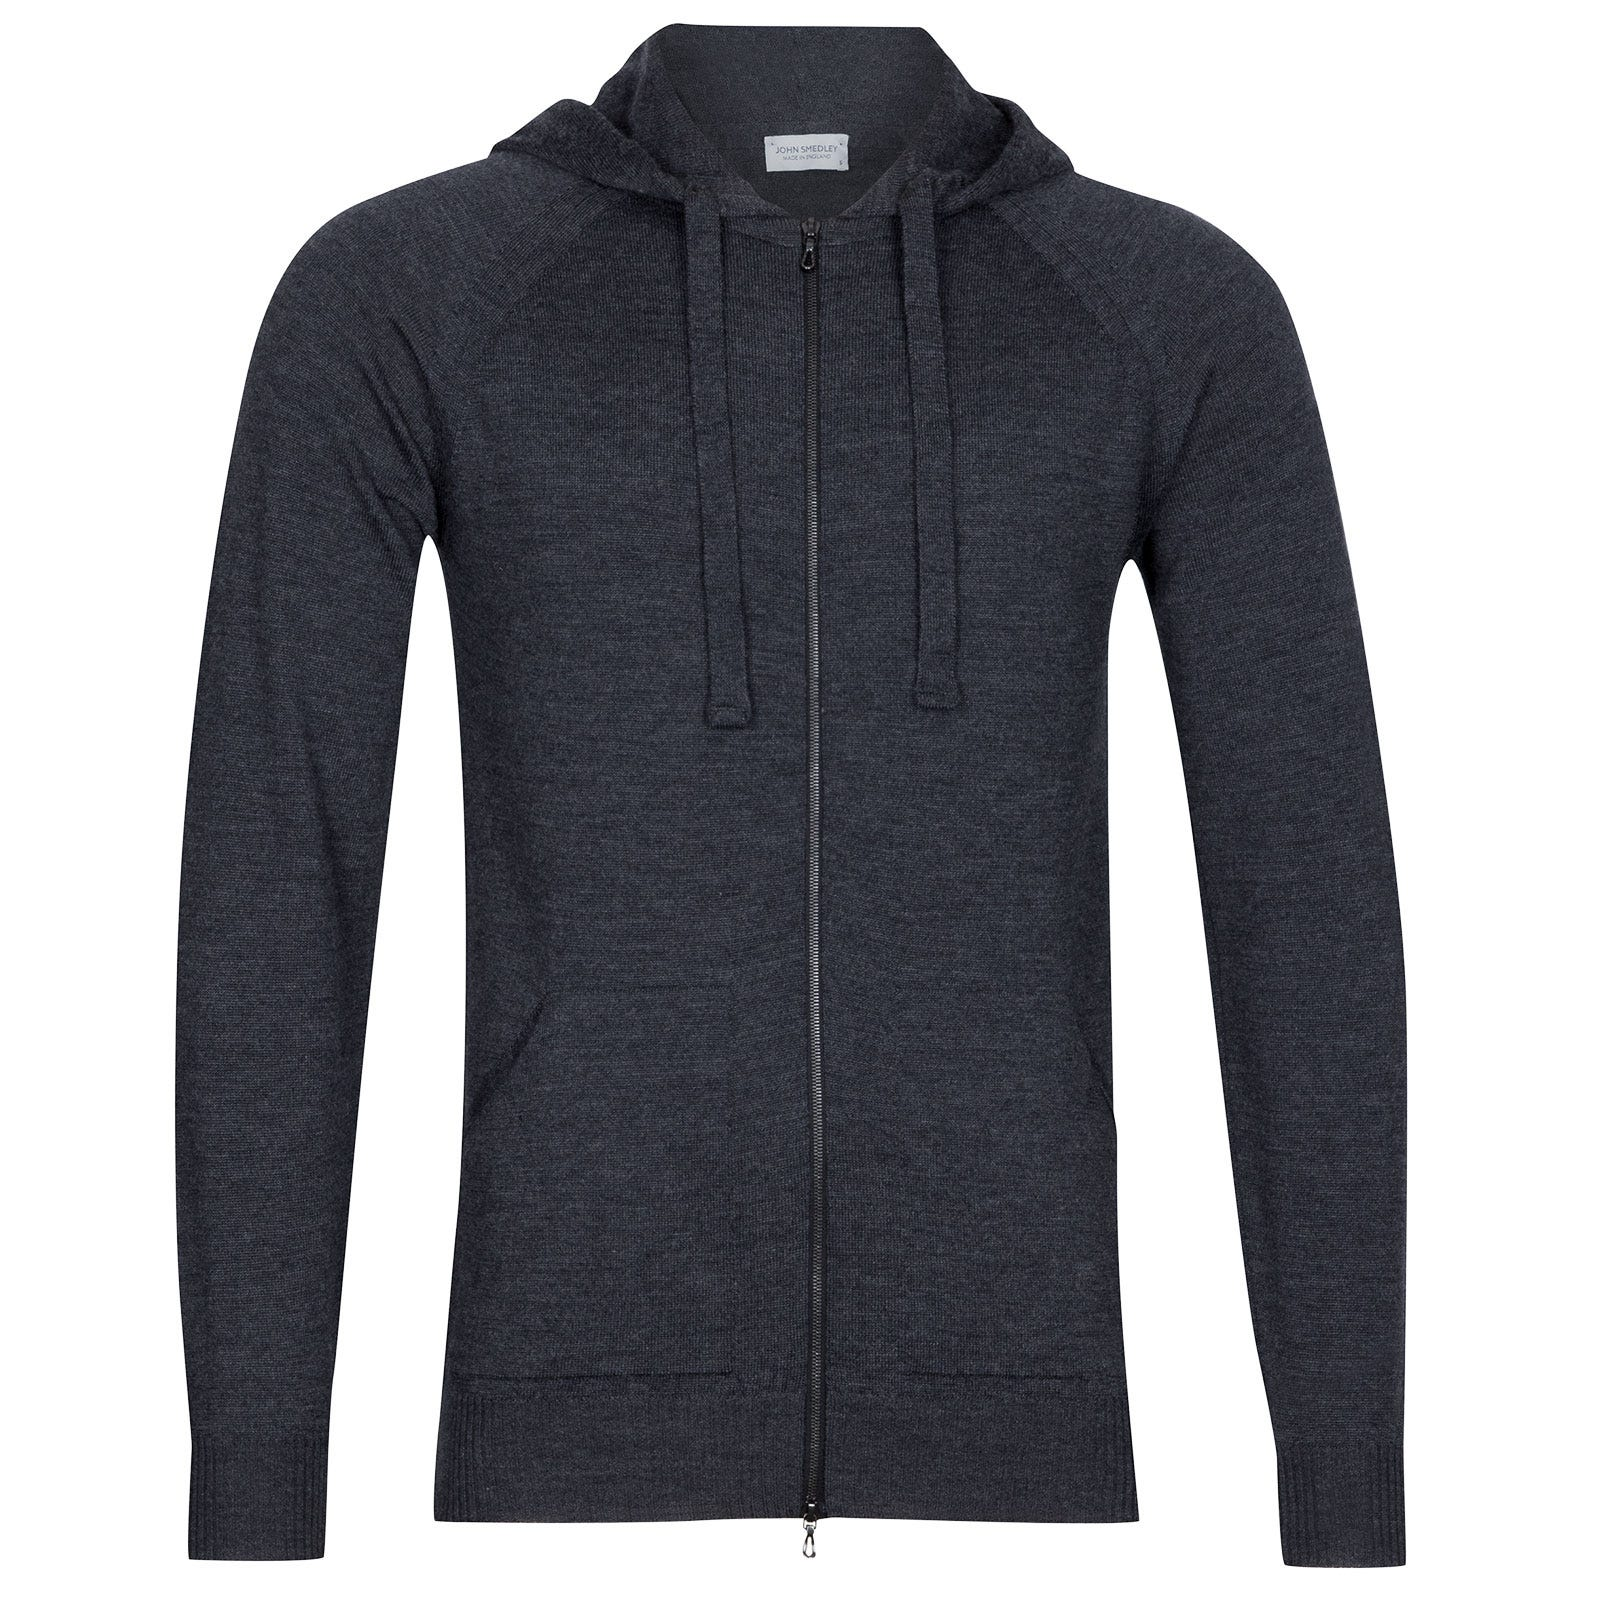 John Smedley Reservoir Merino Wool Jacket in Charcoal-S